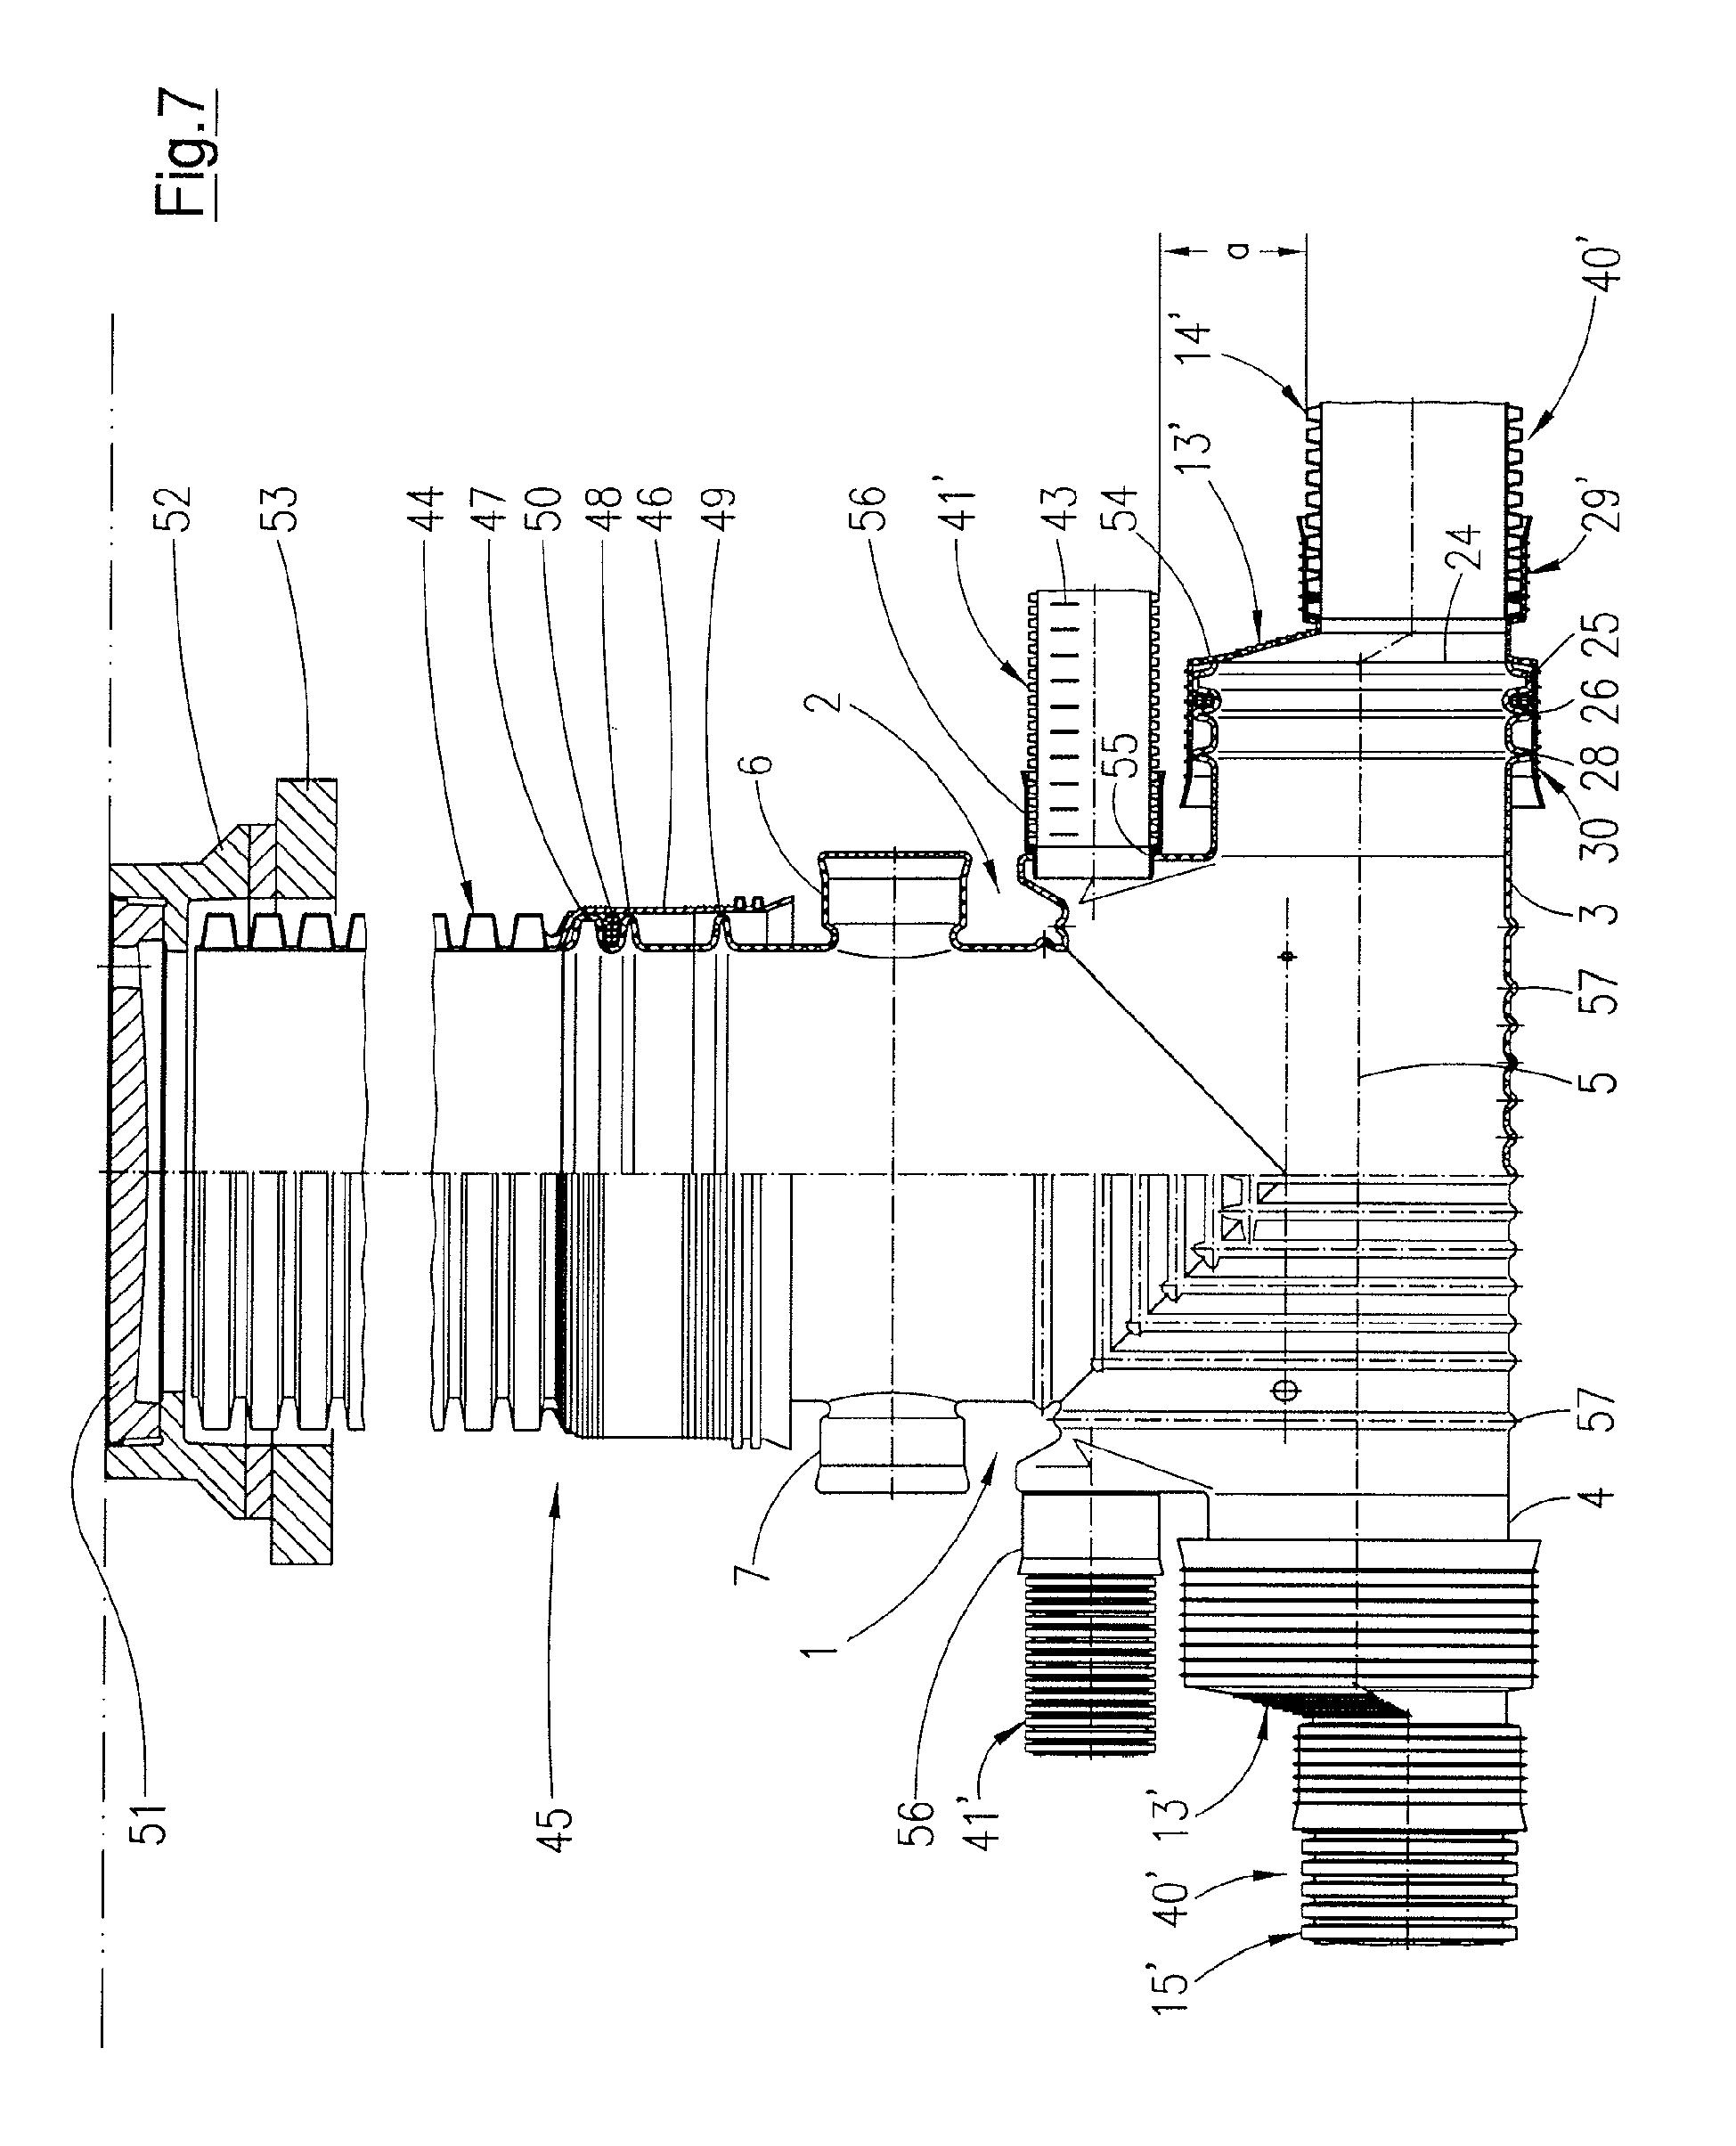 ep2230359a2 bausatz f r eine verbindung eines inspektions schachtes mit einer abfluss. Black Bedroom Furniture Sets. Home Design Ideas